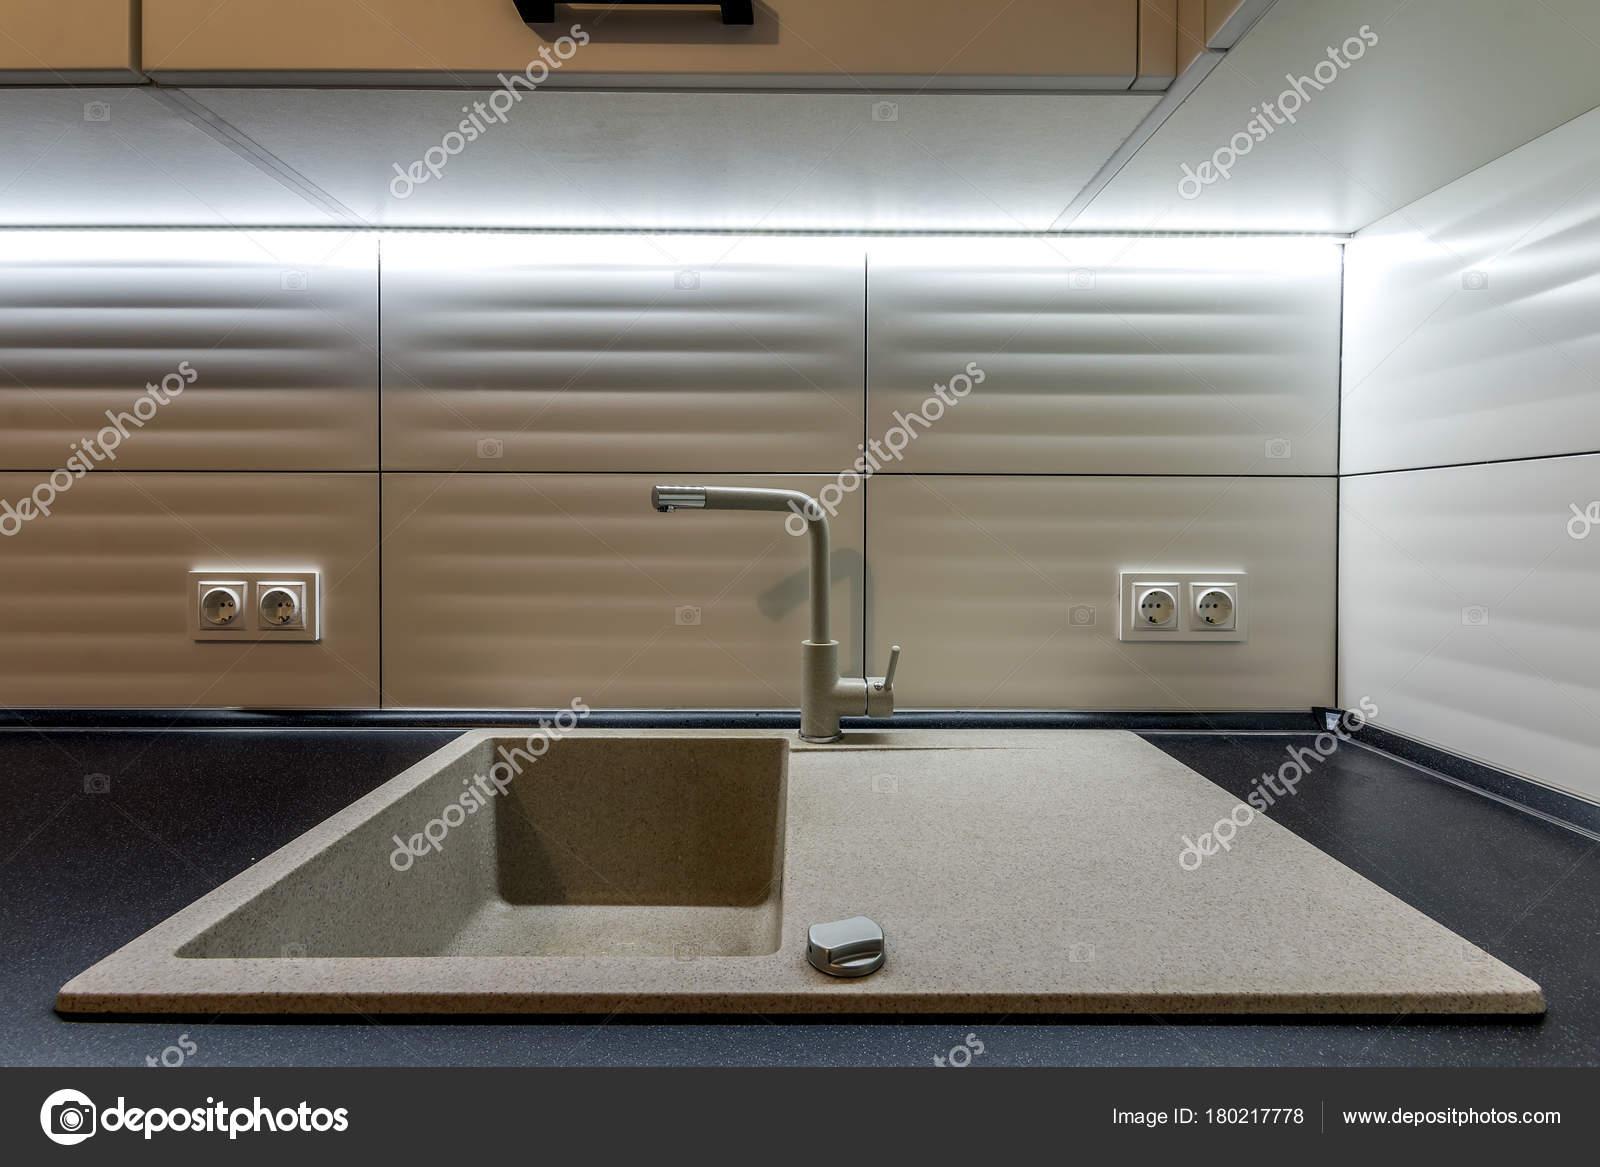 Granieten wasbak en water kraan in nieuwe moderne keuken interieur